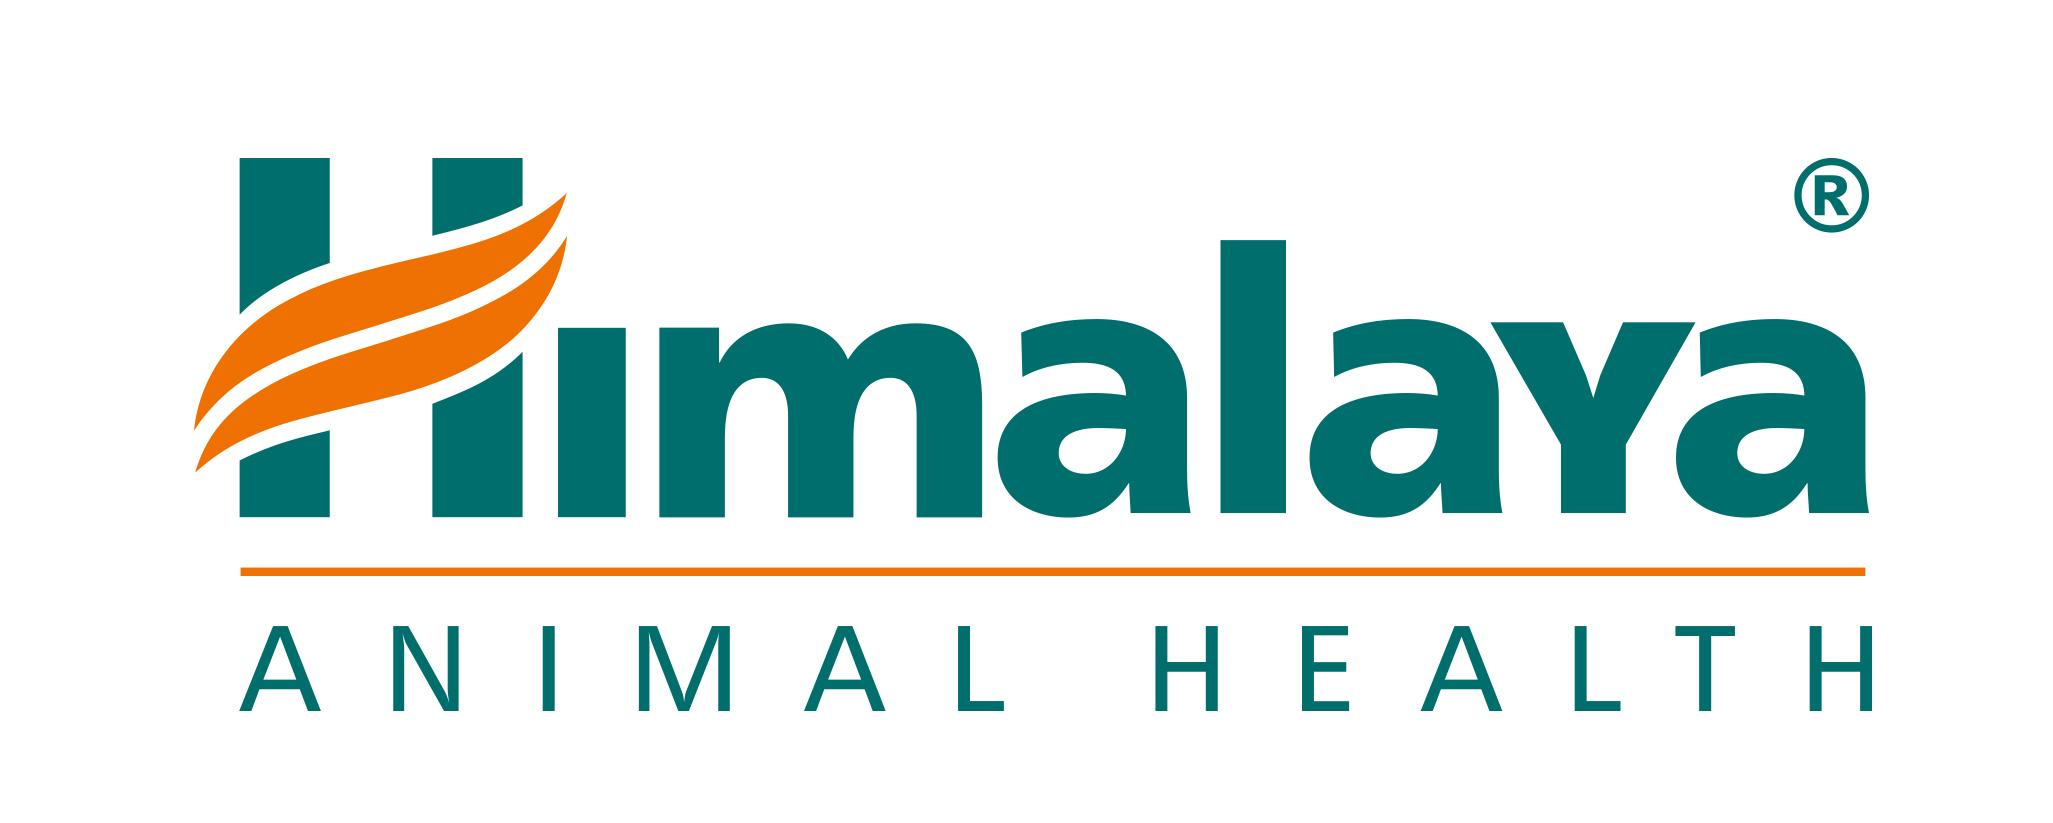 Himalaya Animal Health